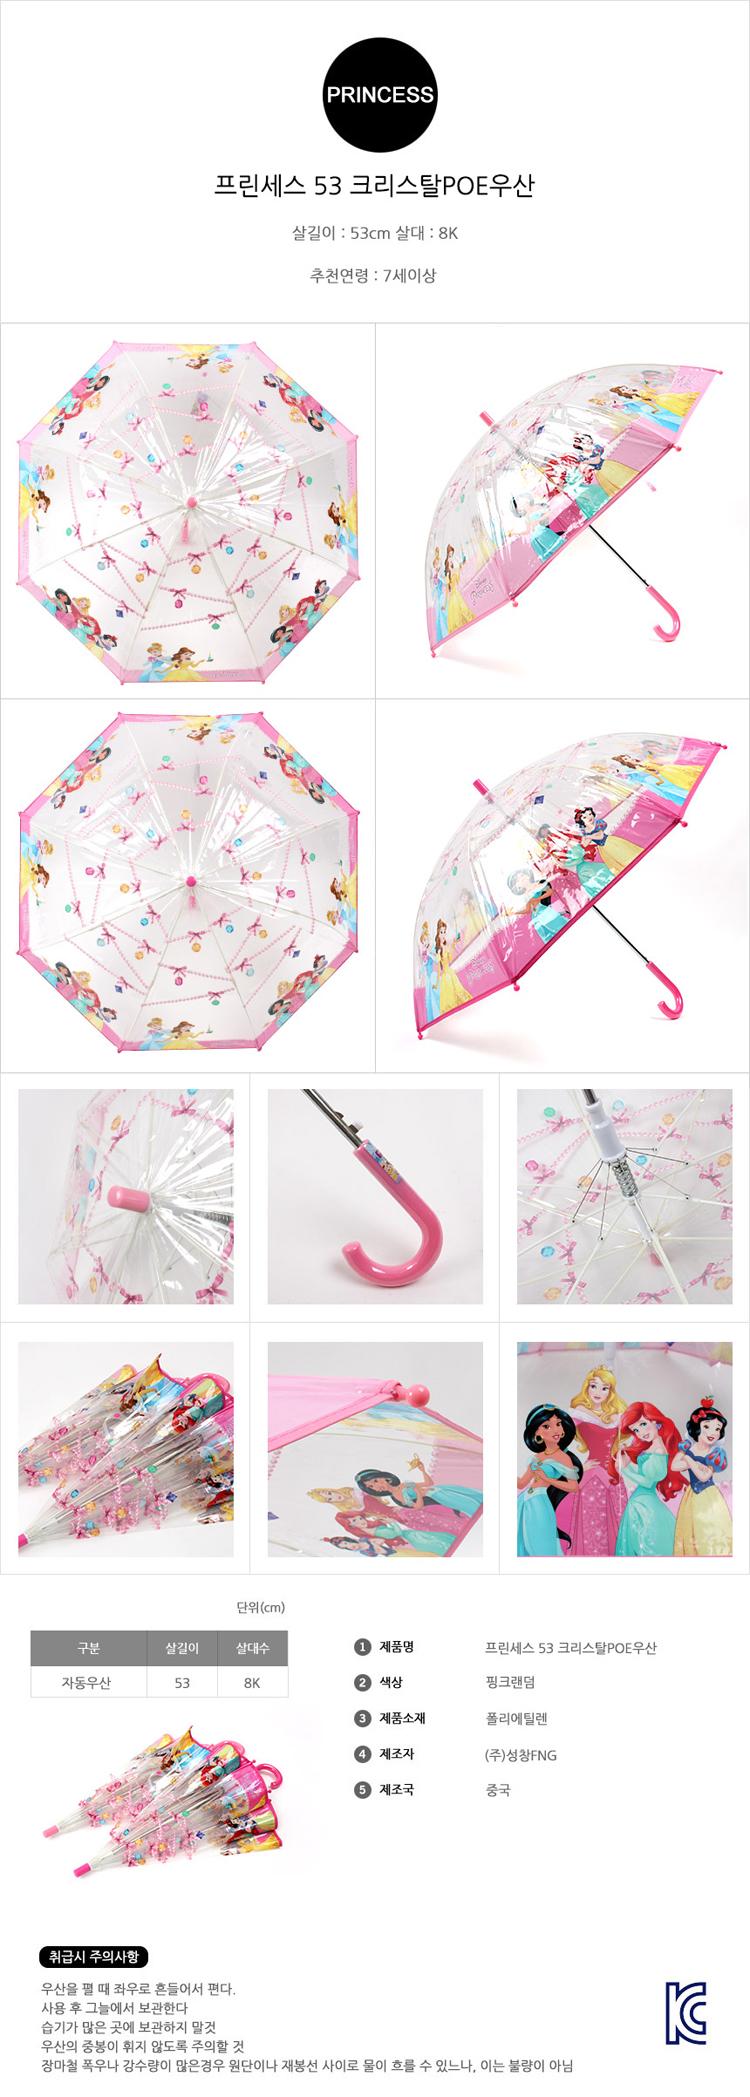 어린이우산,캐릭터우산,아동우산, 터닝메카드우산,프린세스우산